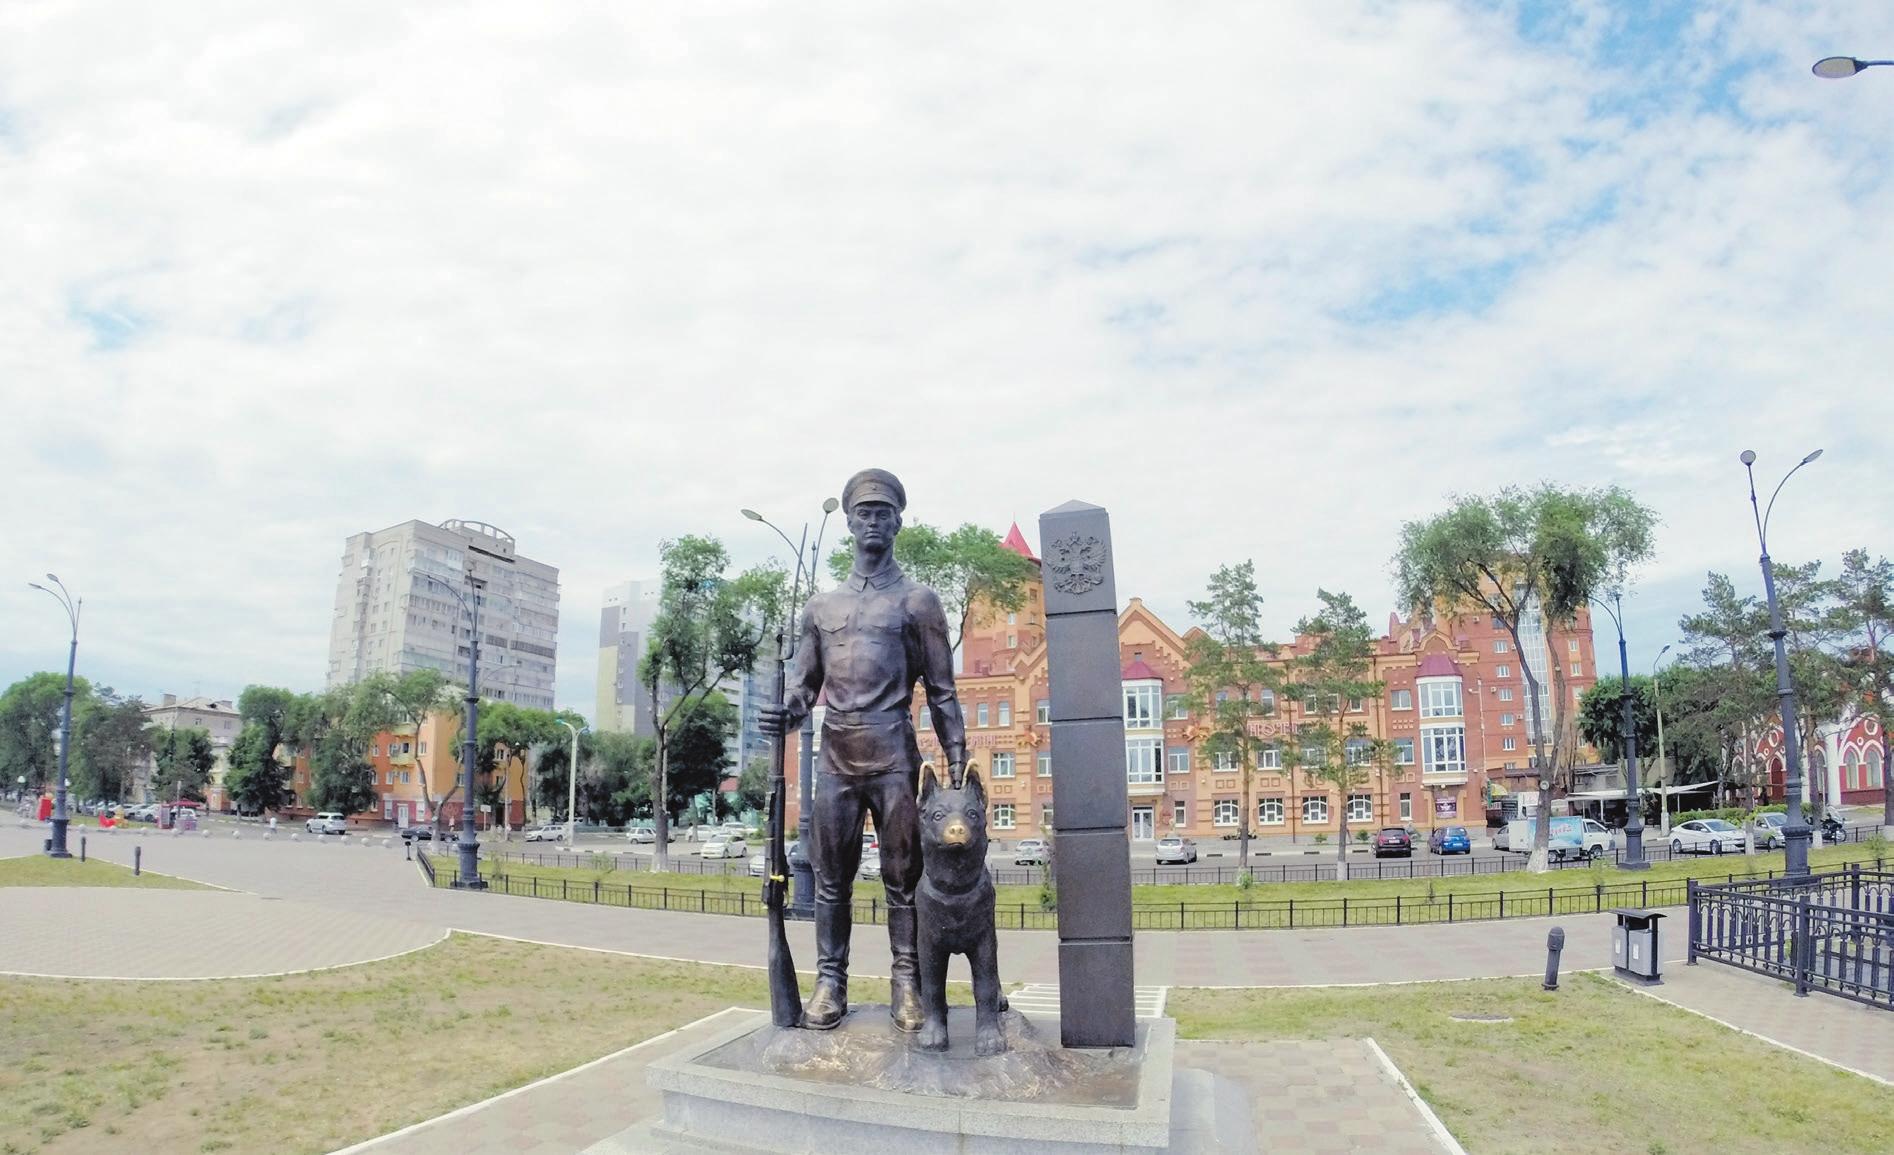 Памятник пограничнику с собакой в Благовещенске, открытый в мае 2007 года на набережной реки Амур